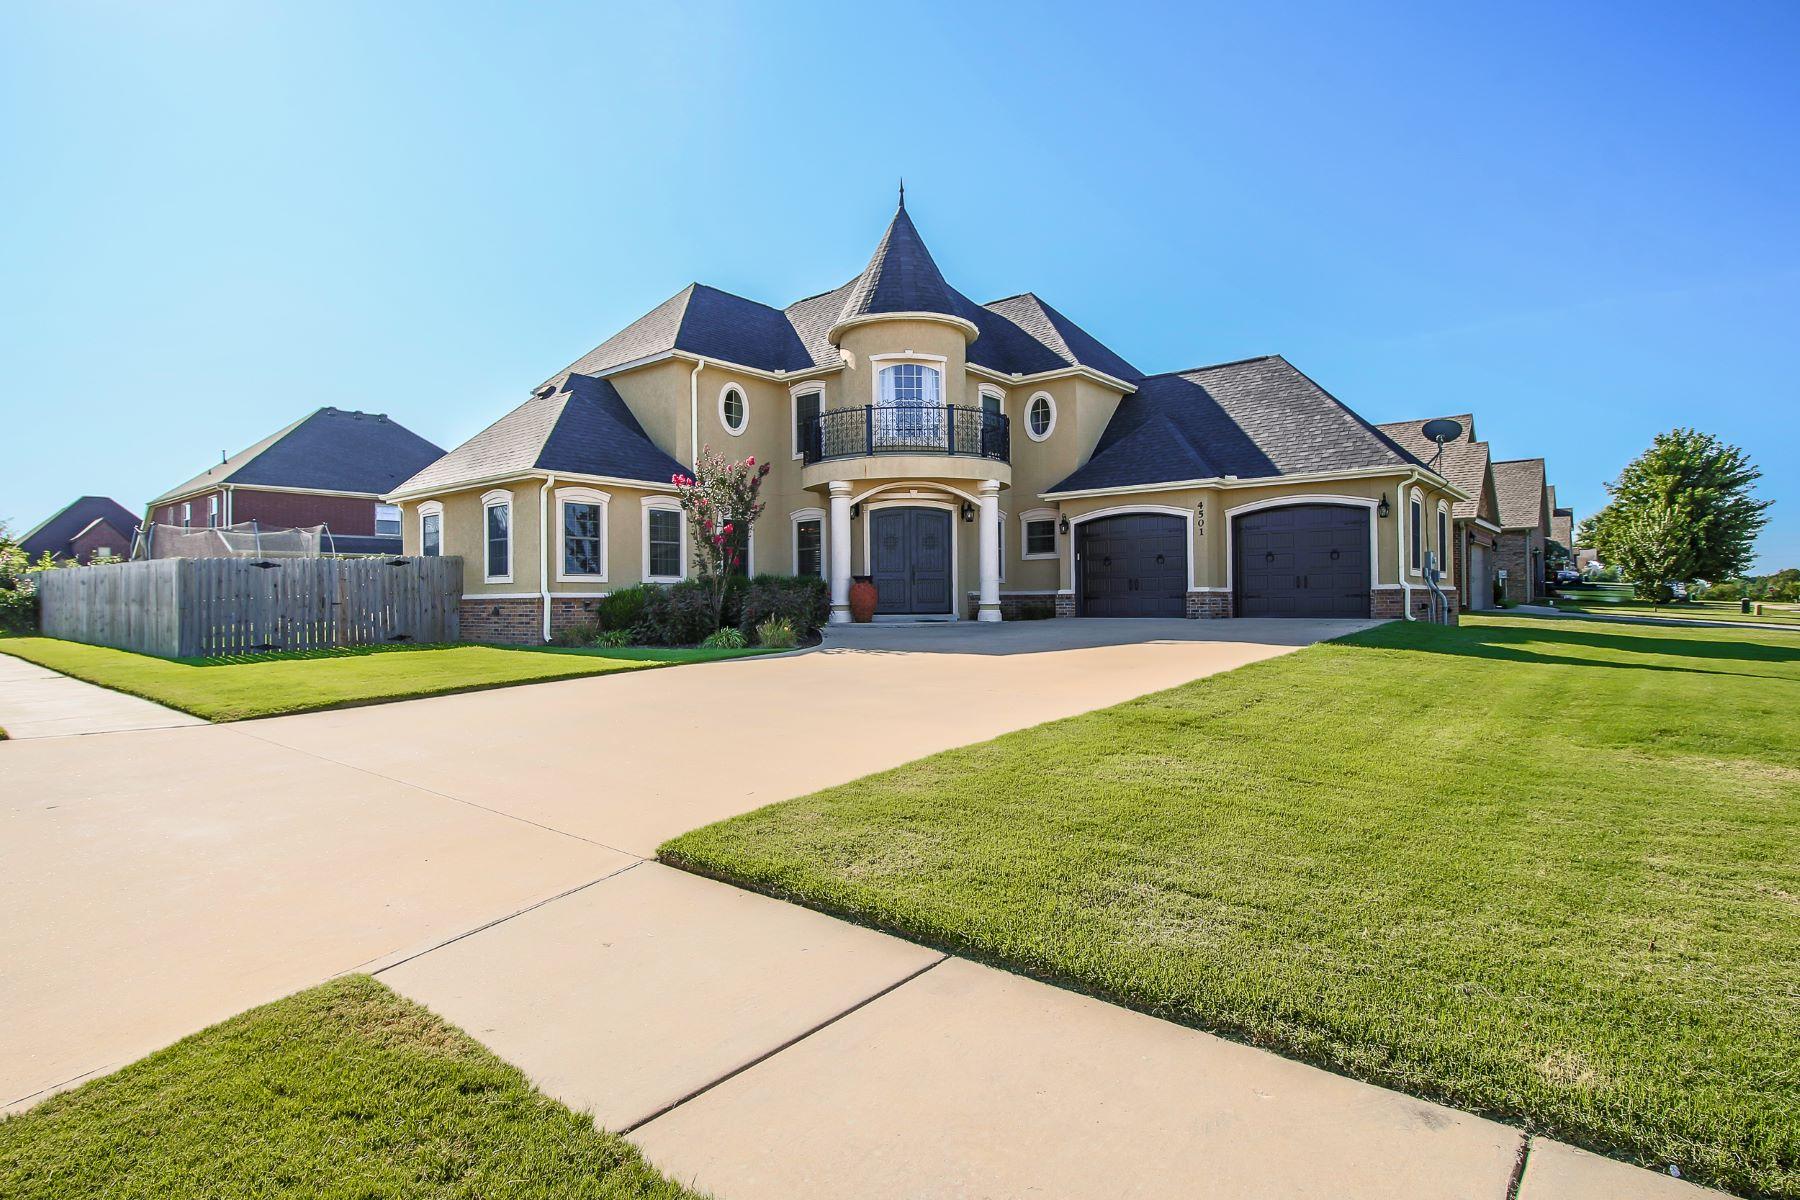 Single Family Homes for Sale at 4501 SW Skyline St. 4501 SW Skyline Street Bentonville, Arkansas 72713 United States